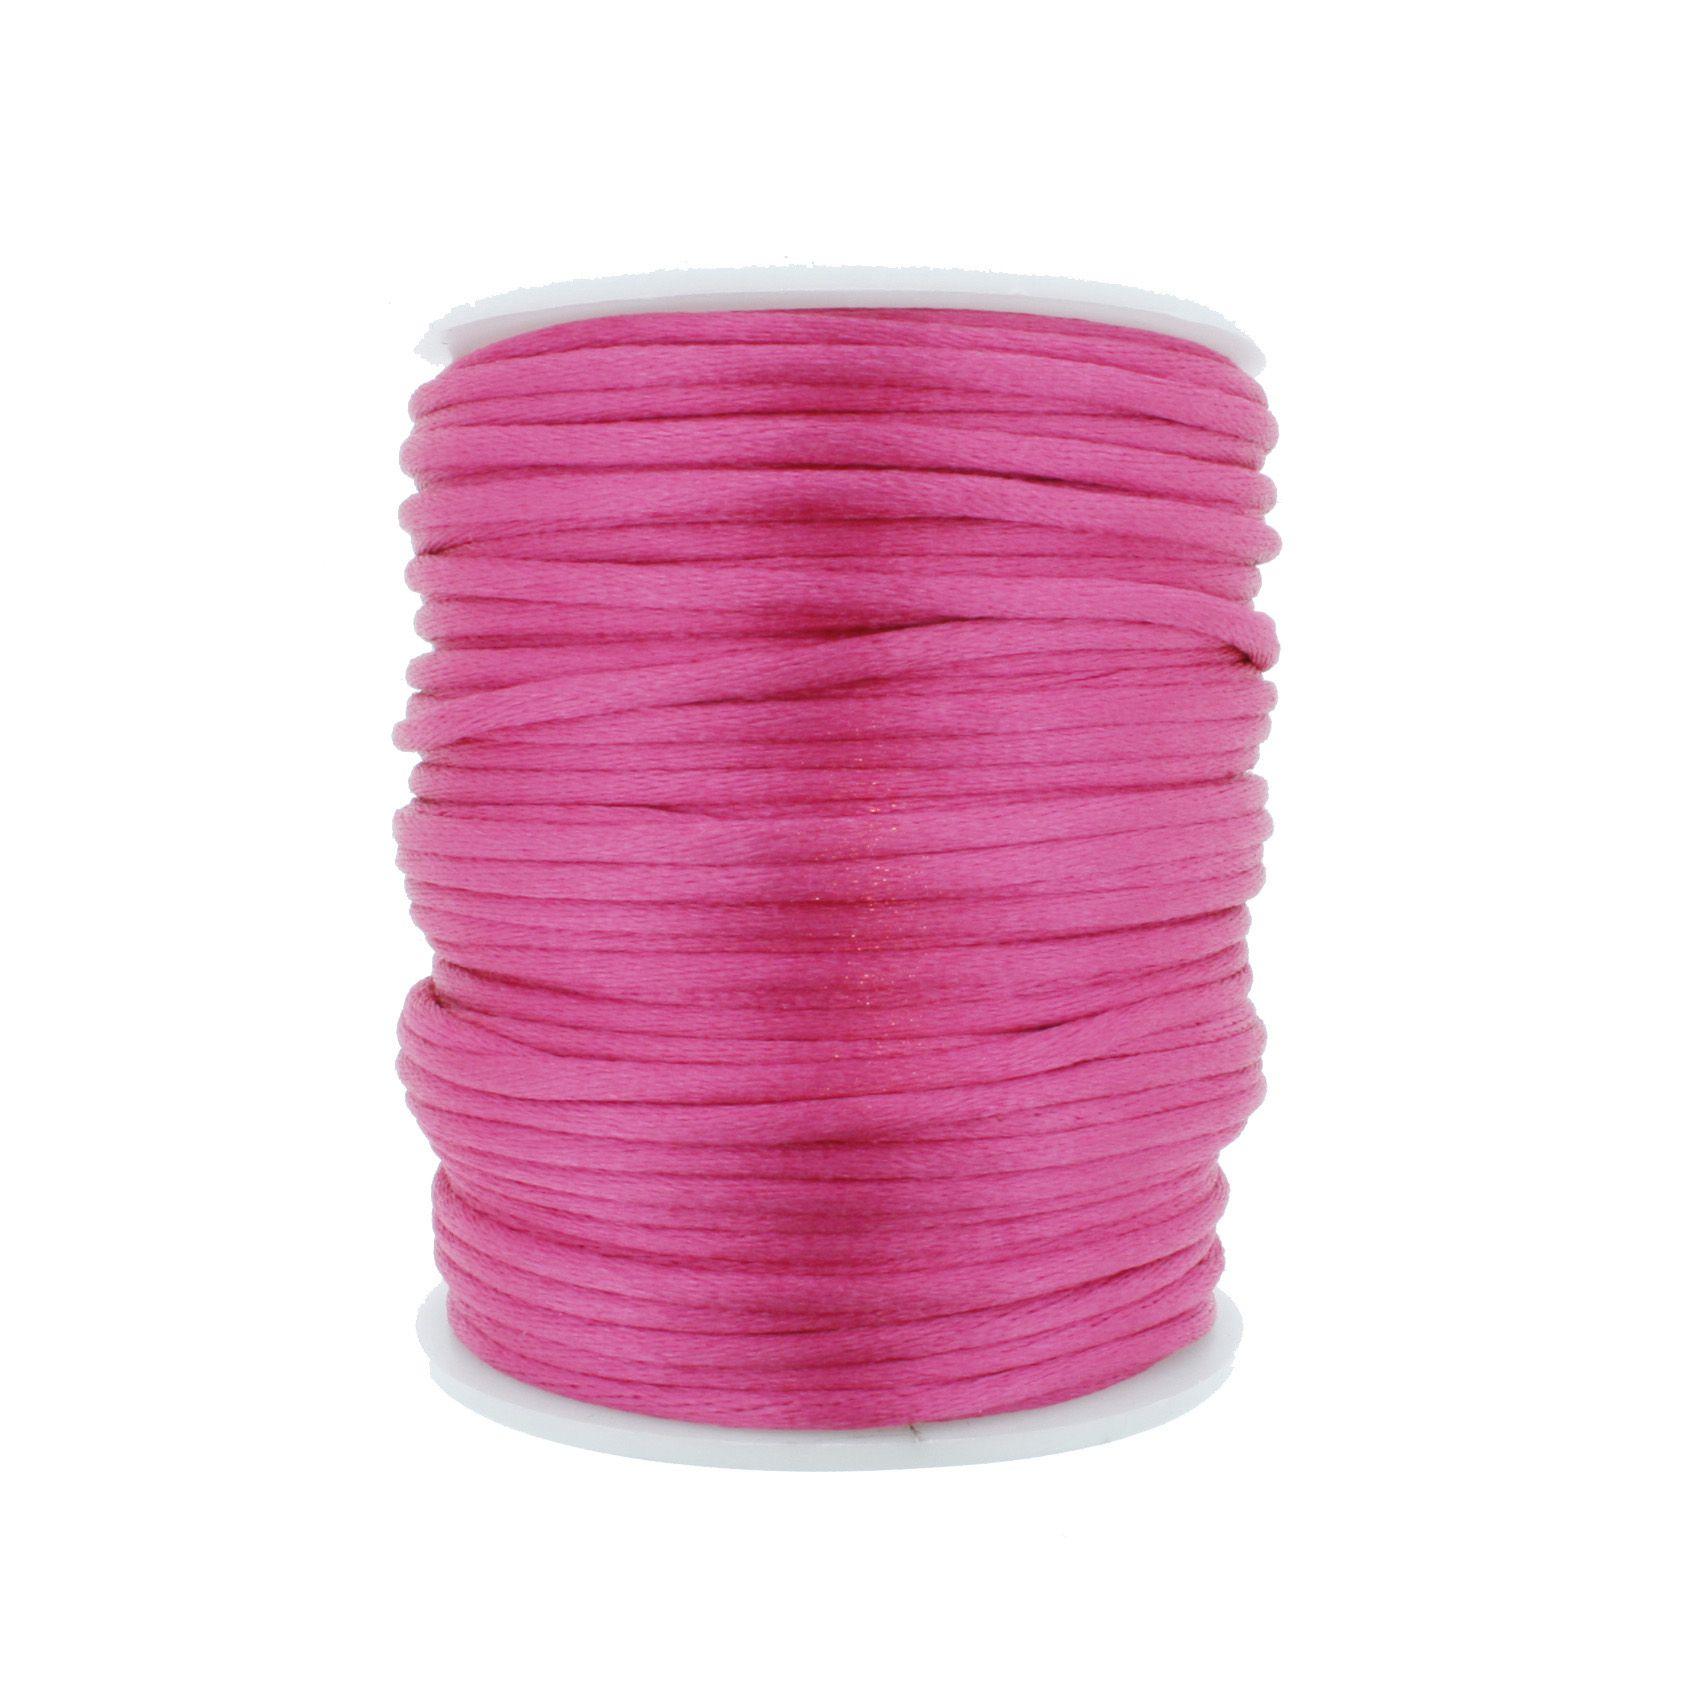 Cordão de Seda - Pink - 2mm  - Stéphanie Bijoux® - Peças para Bijuterias e Artesanato